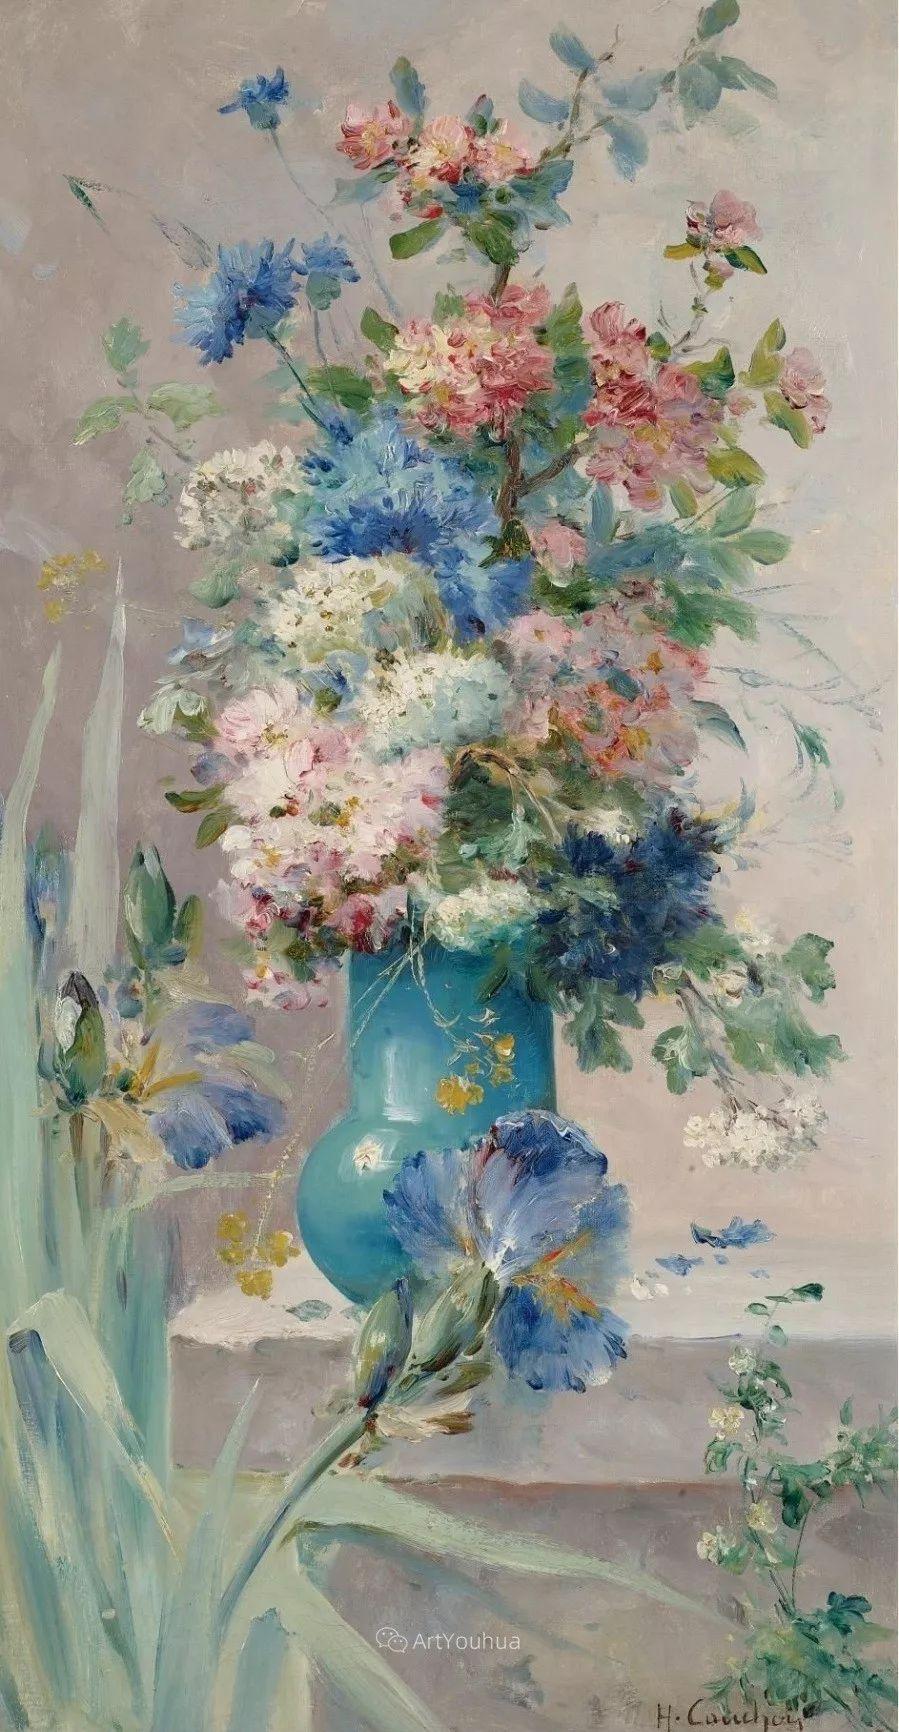 他对浪漫主义情有独钟,花卉很赞!法国Eugène Henri Cauchois插图2